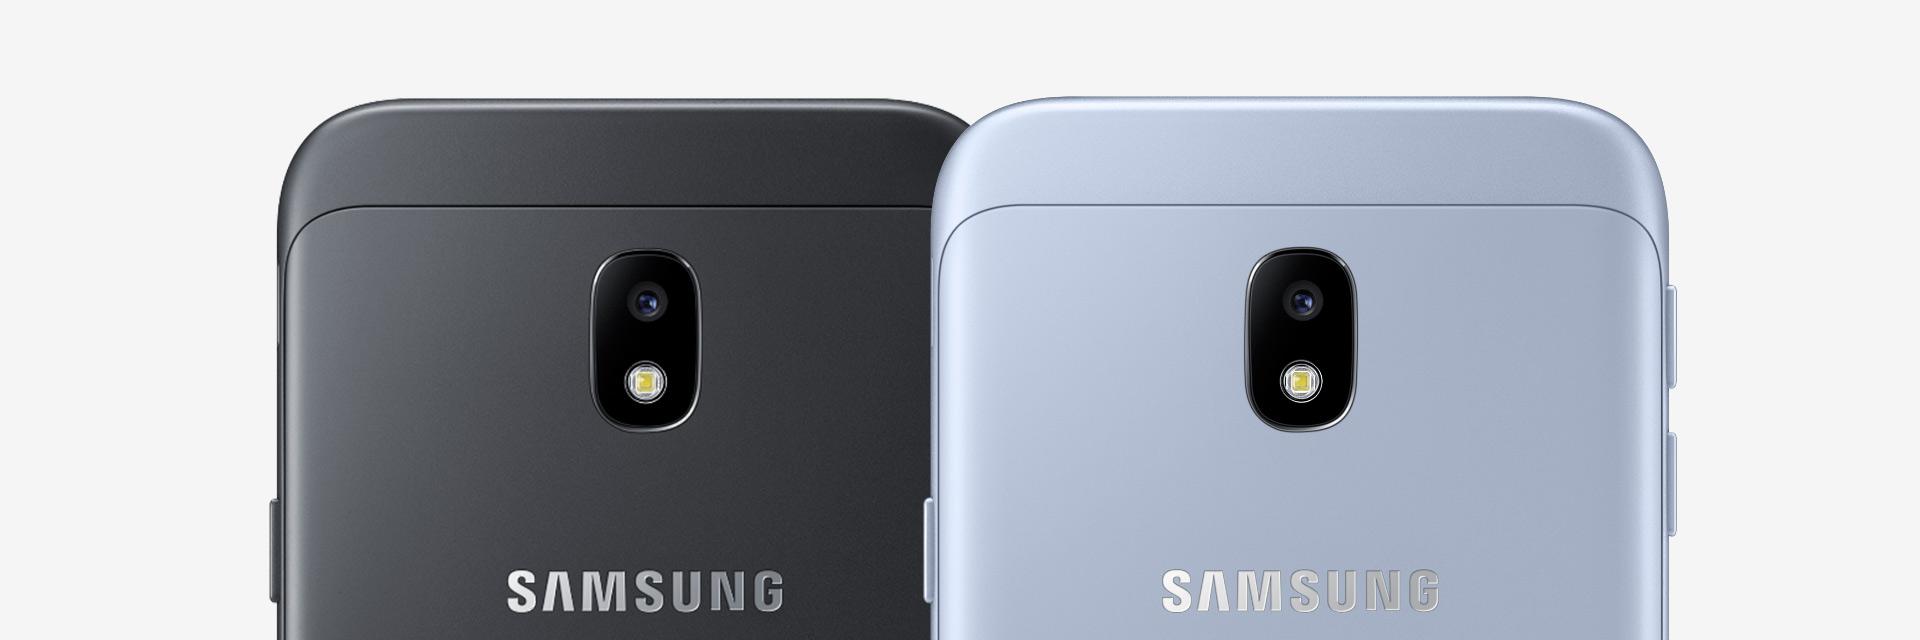 Samsung Galaxy J3 Zatrzymaj Chwile Aparat 1920